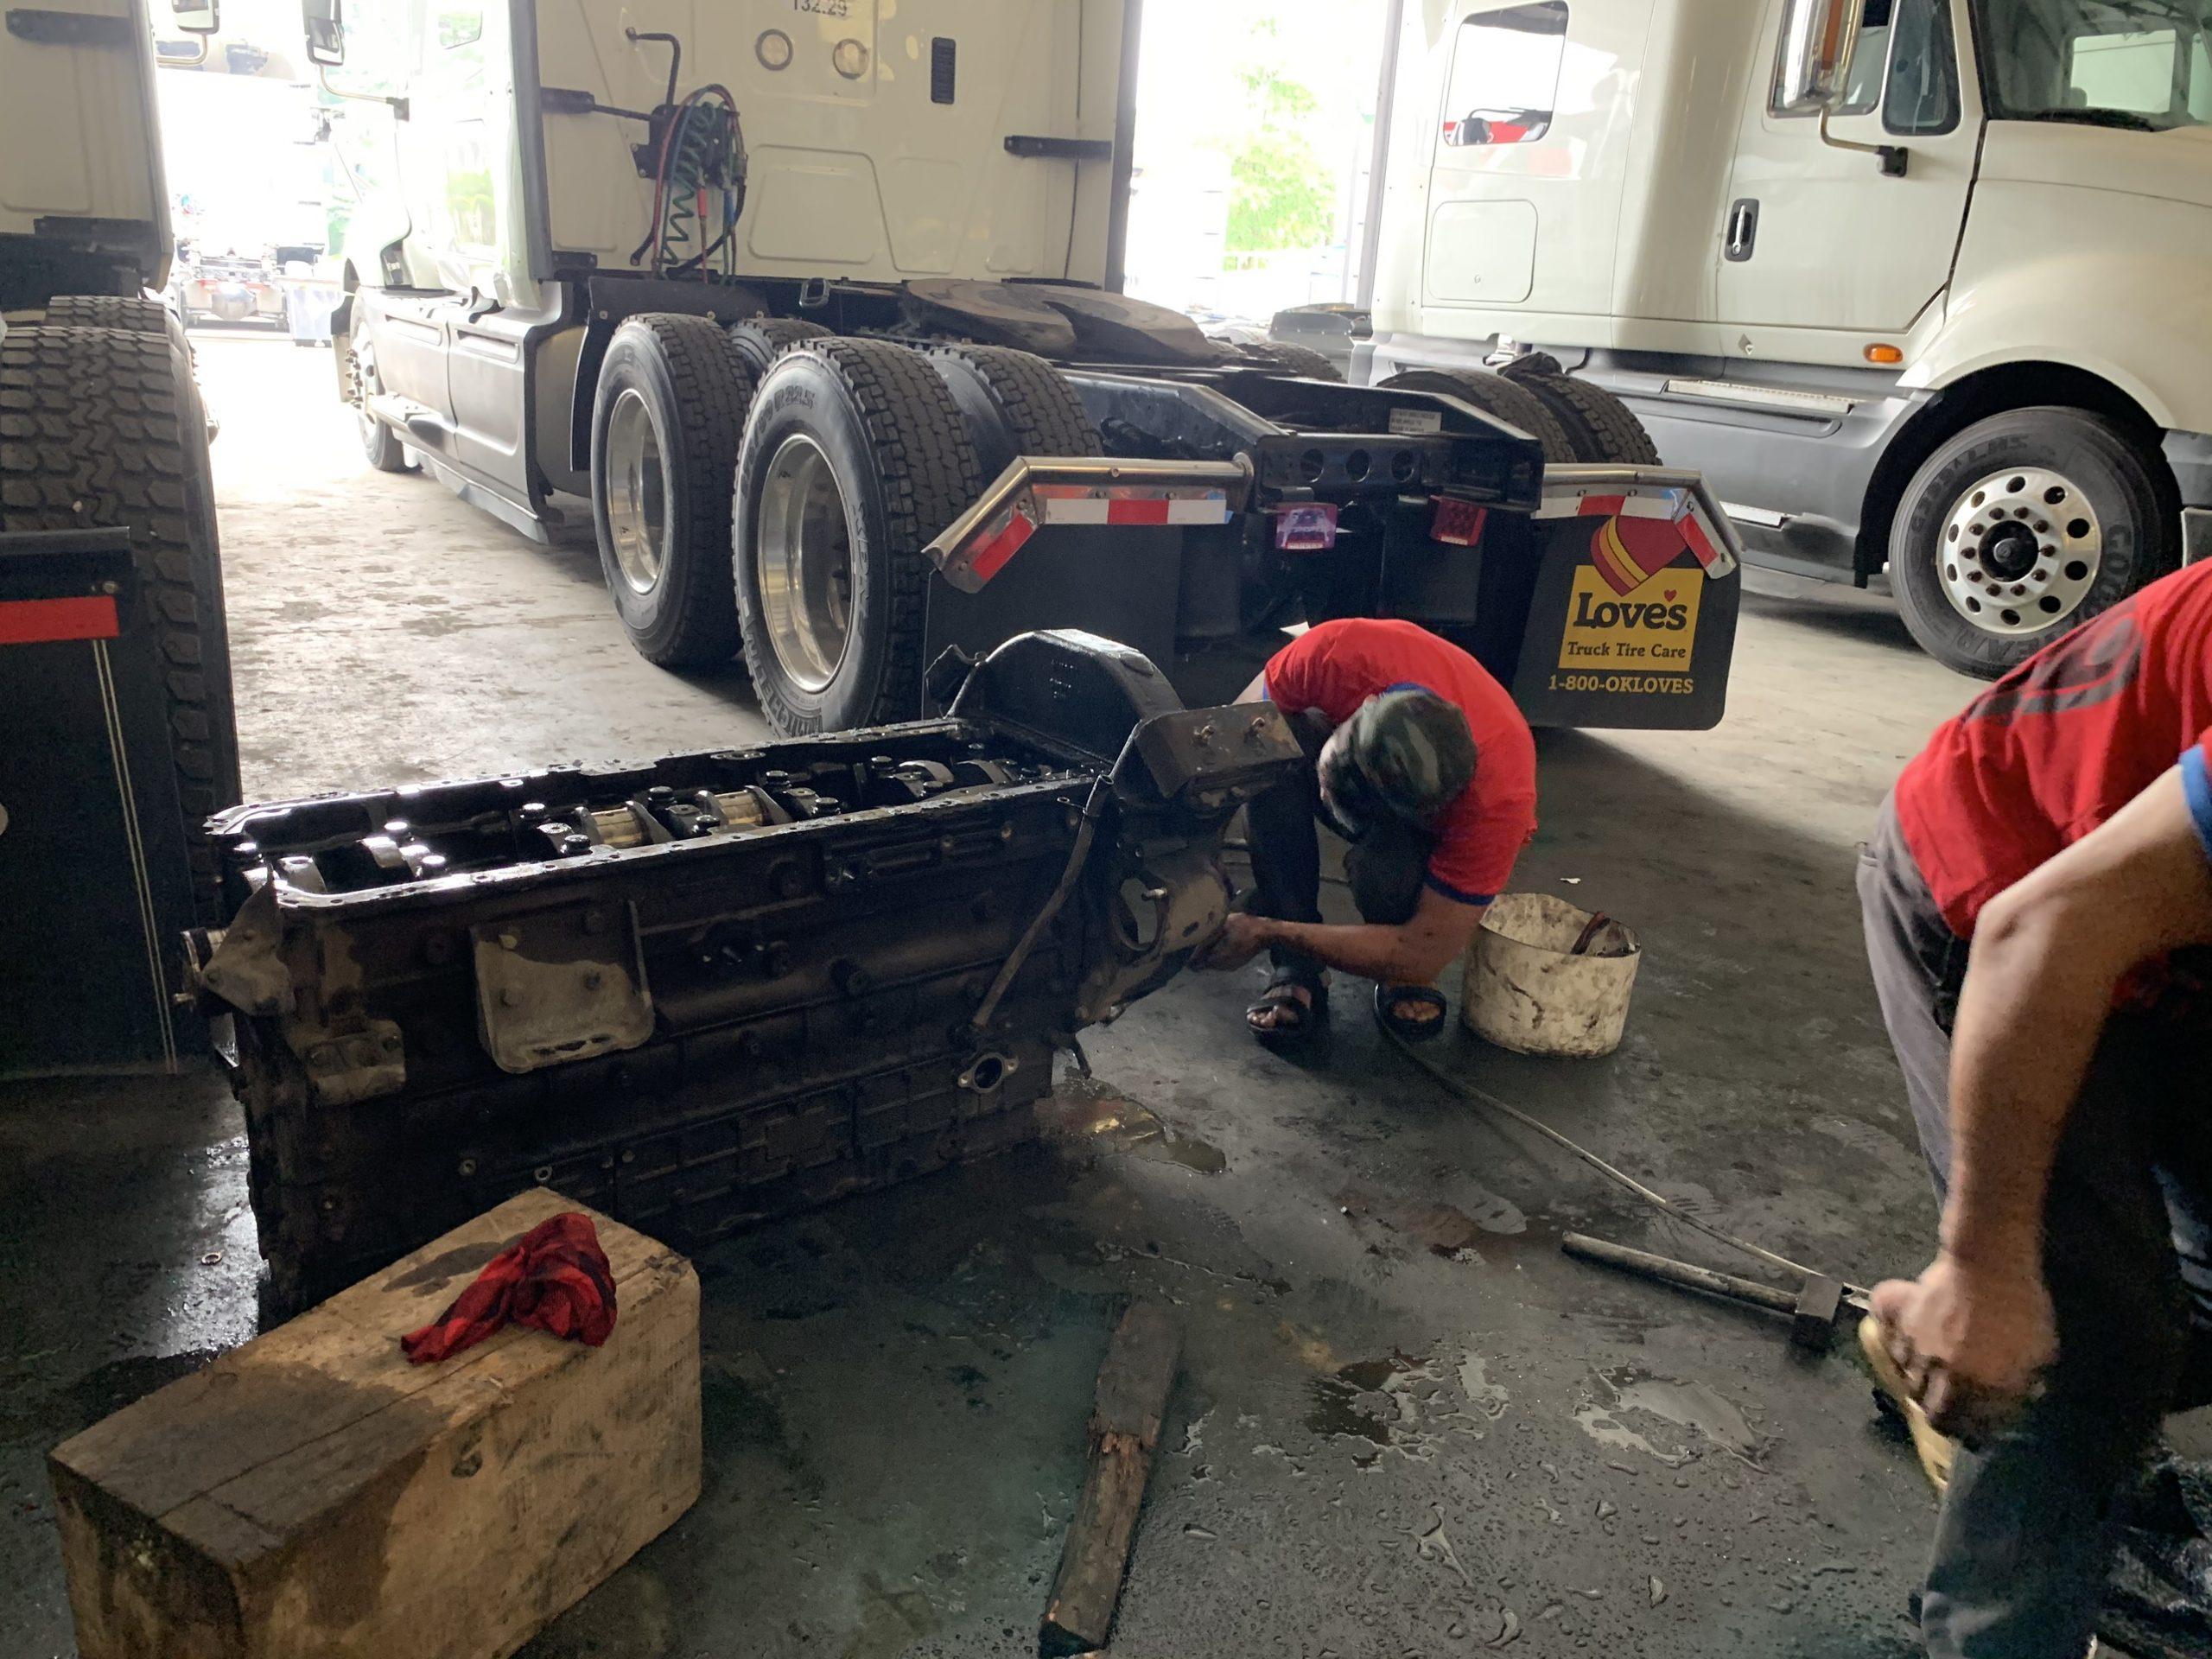 Dịch vụ sửa chữa - bảo dưỡng xe tải Dongfeng tại Hà Nội